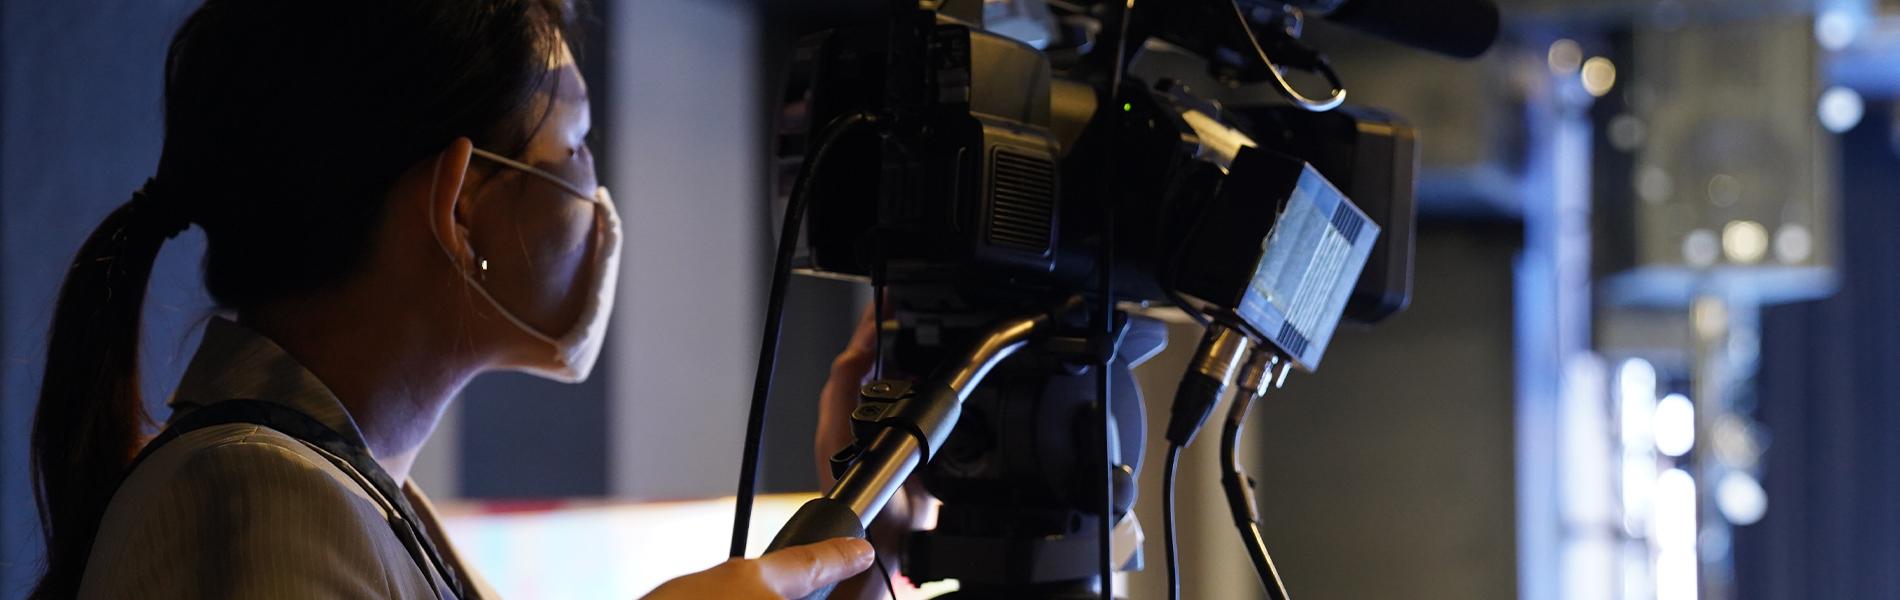 カメラを構えるスタッフ